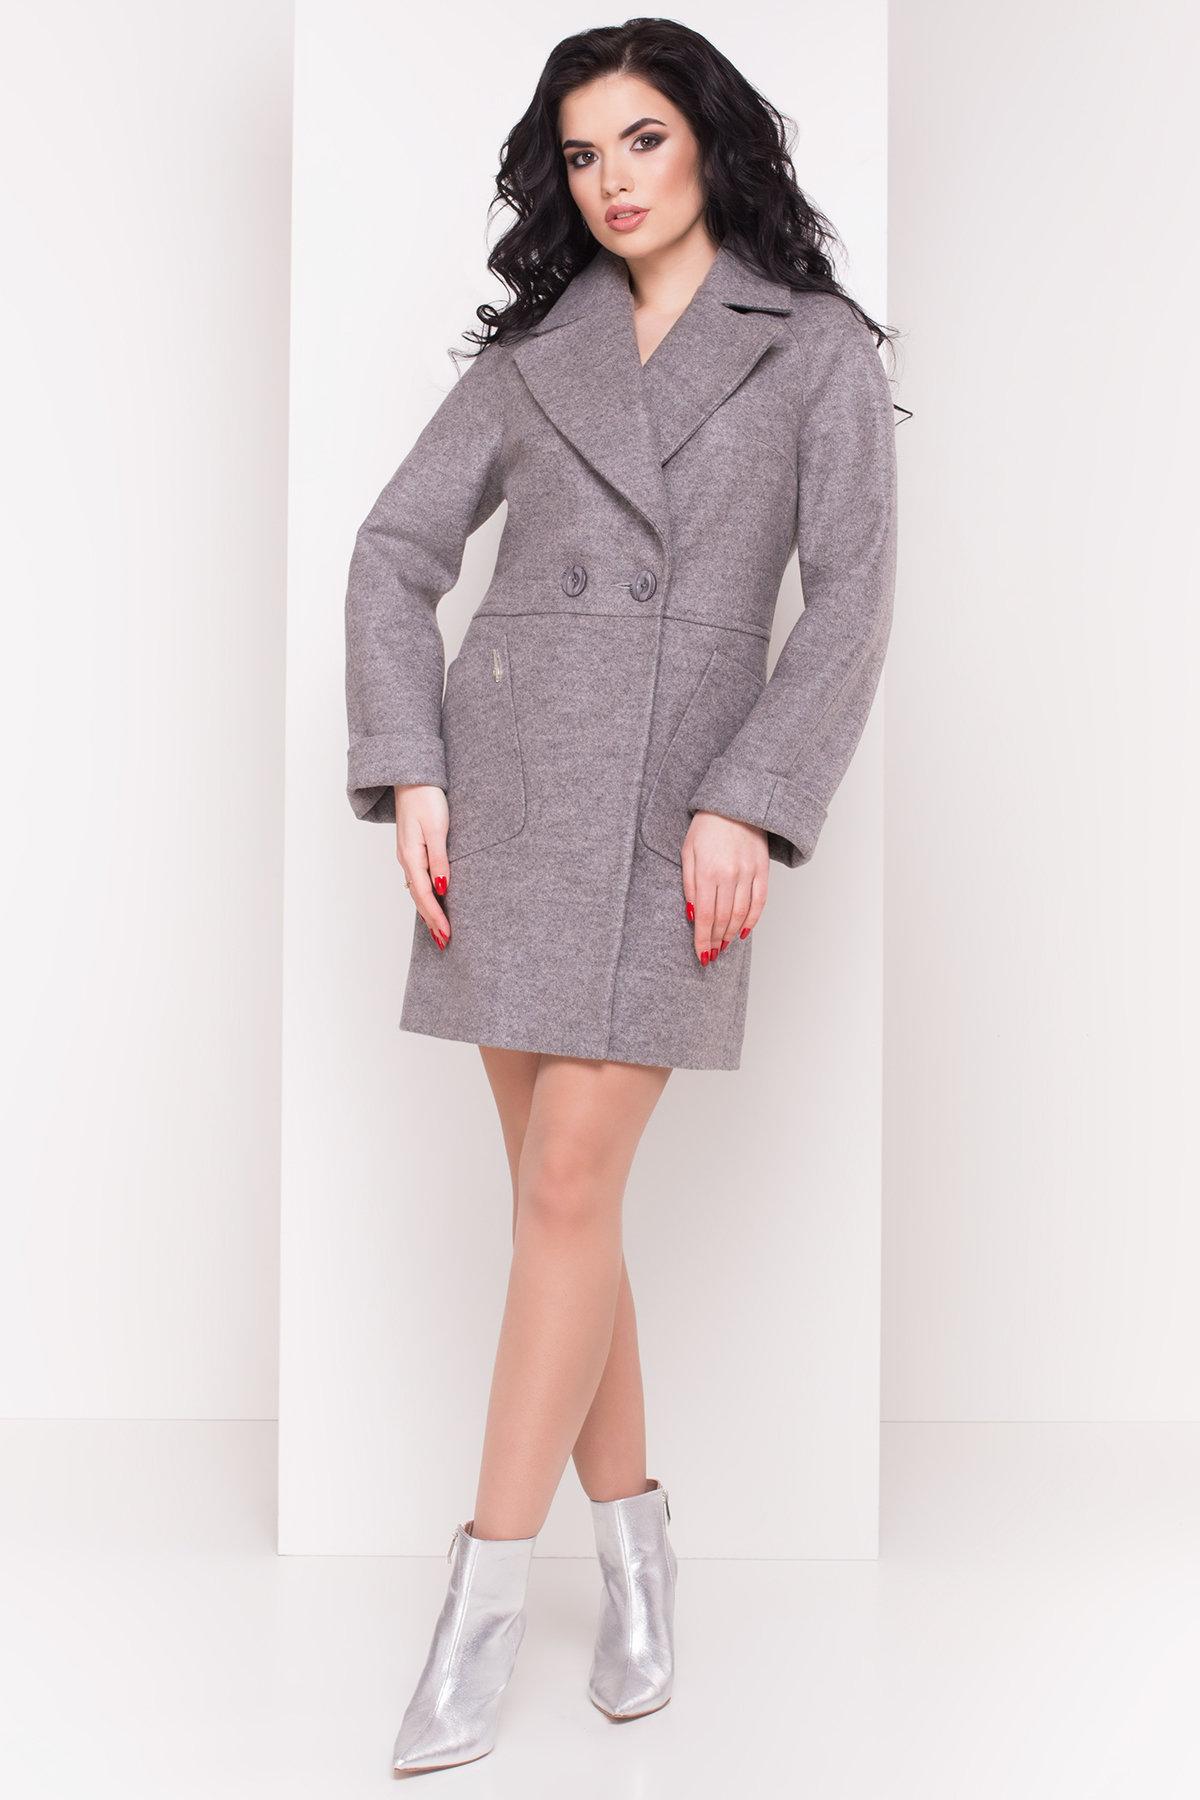 Пальто Модика 4552 Цвет: Серый/розовый